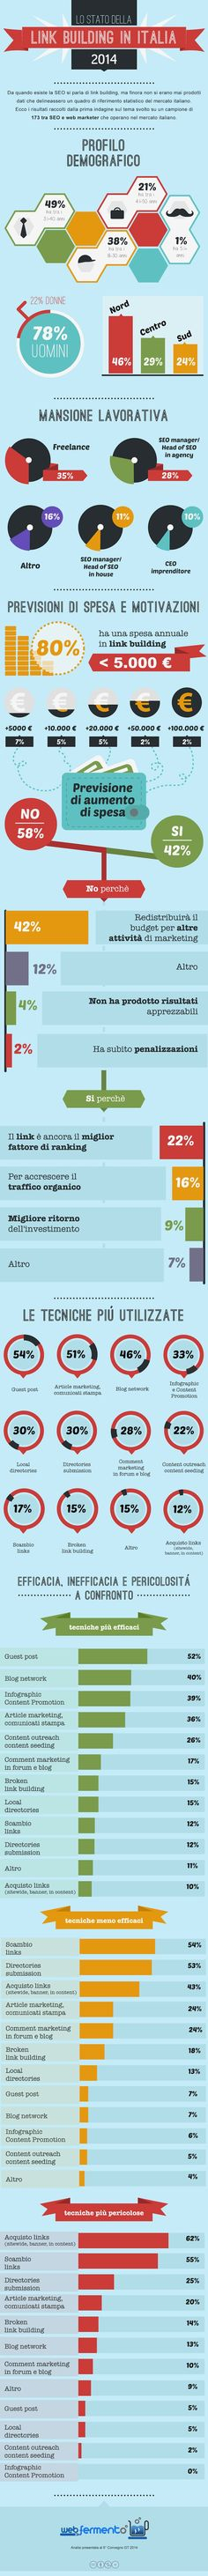 Il mercato della Link Building in Italia: si spende poco, i guest post la tecnica più utilizzata [Ricerca]